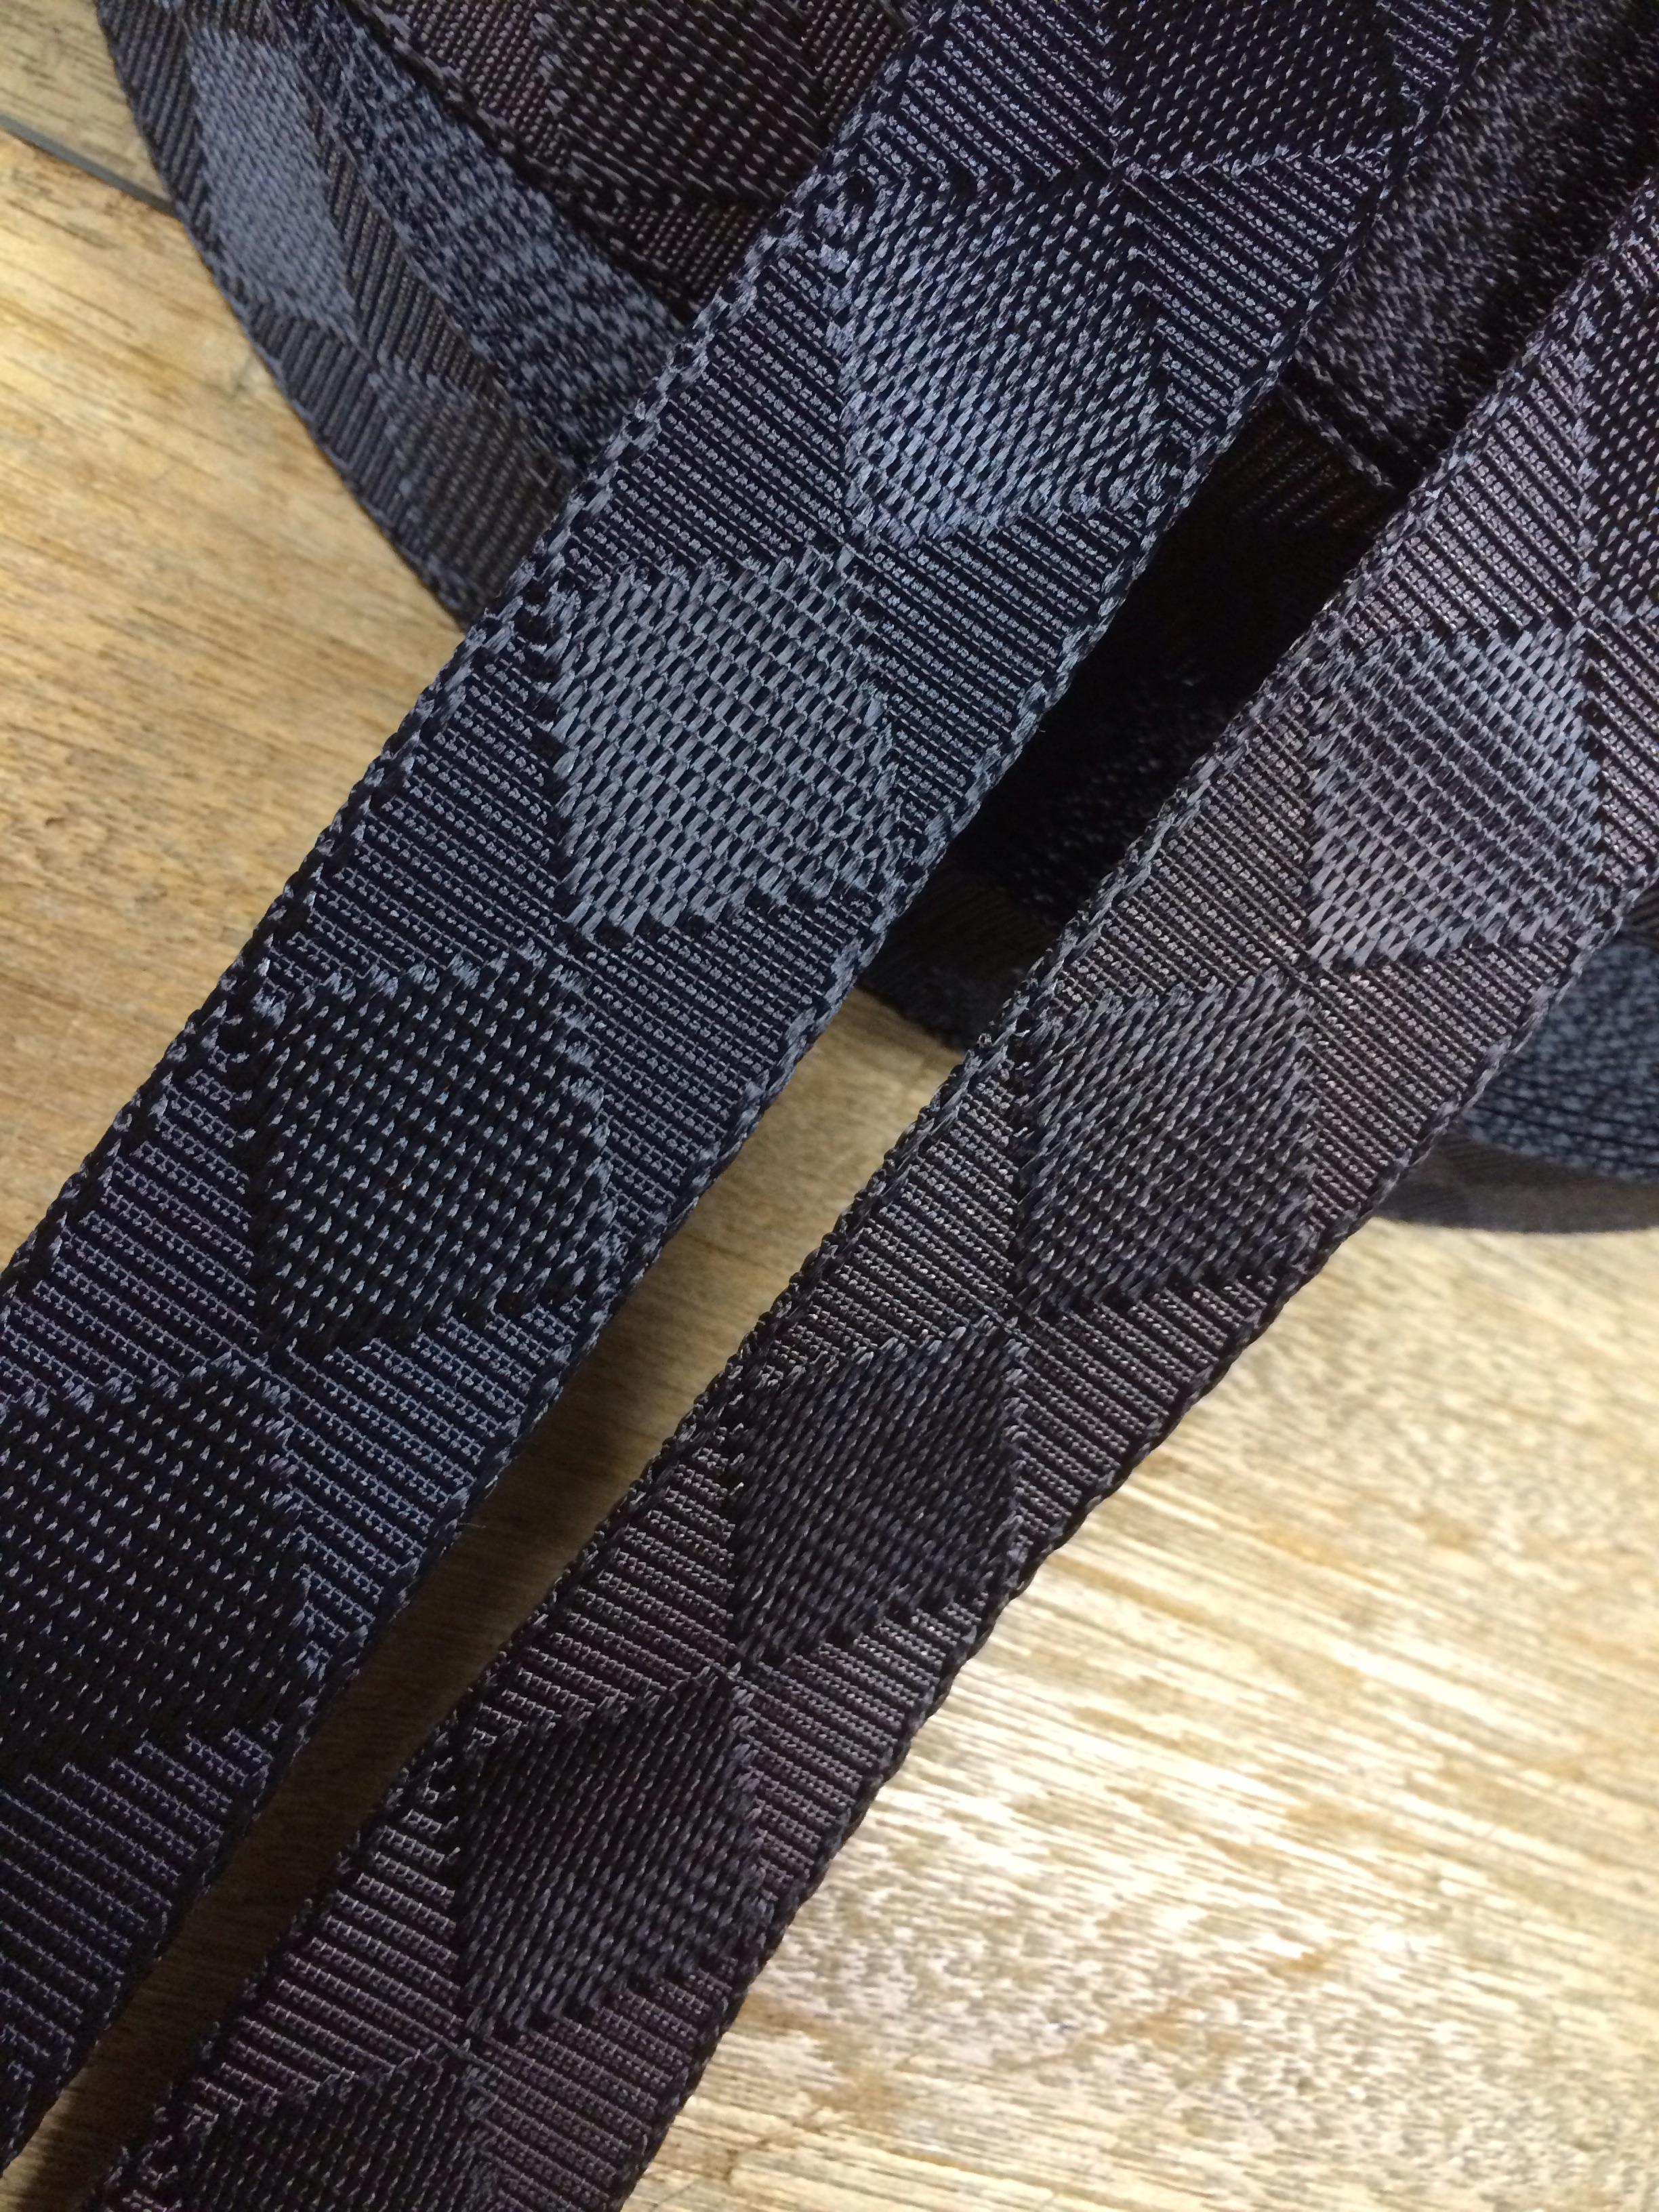 ナイロンテープ ジャガード織 市松柄 カラー  30mm幅 1m